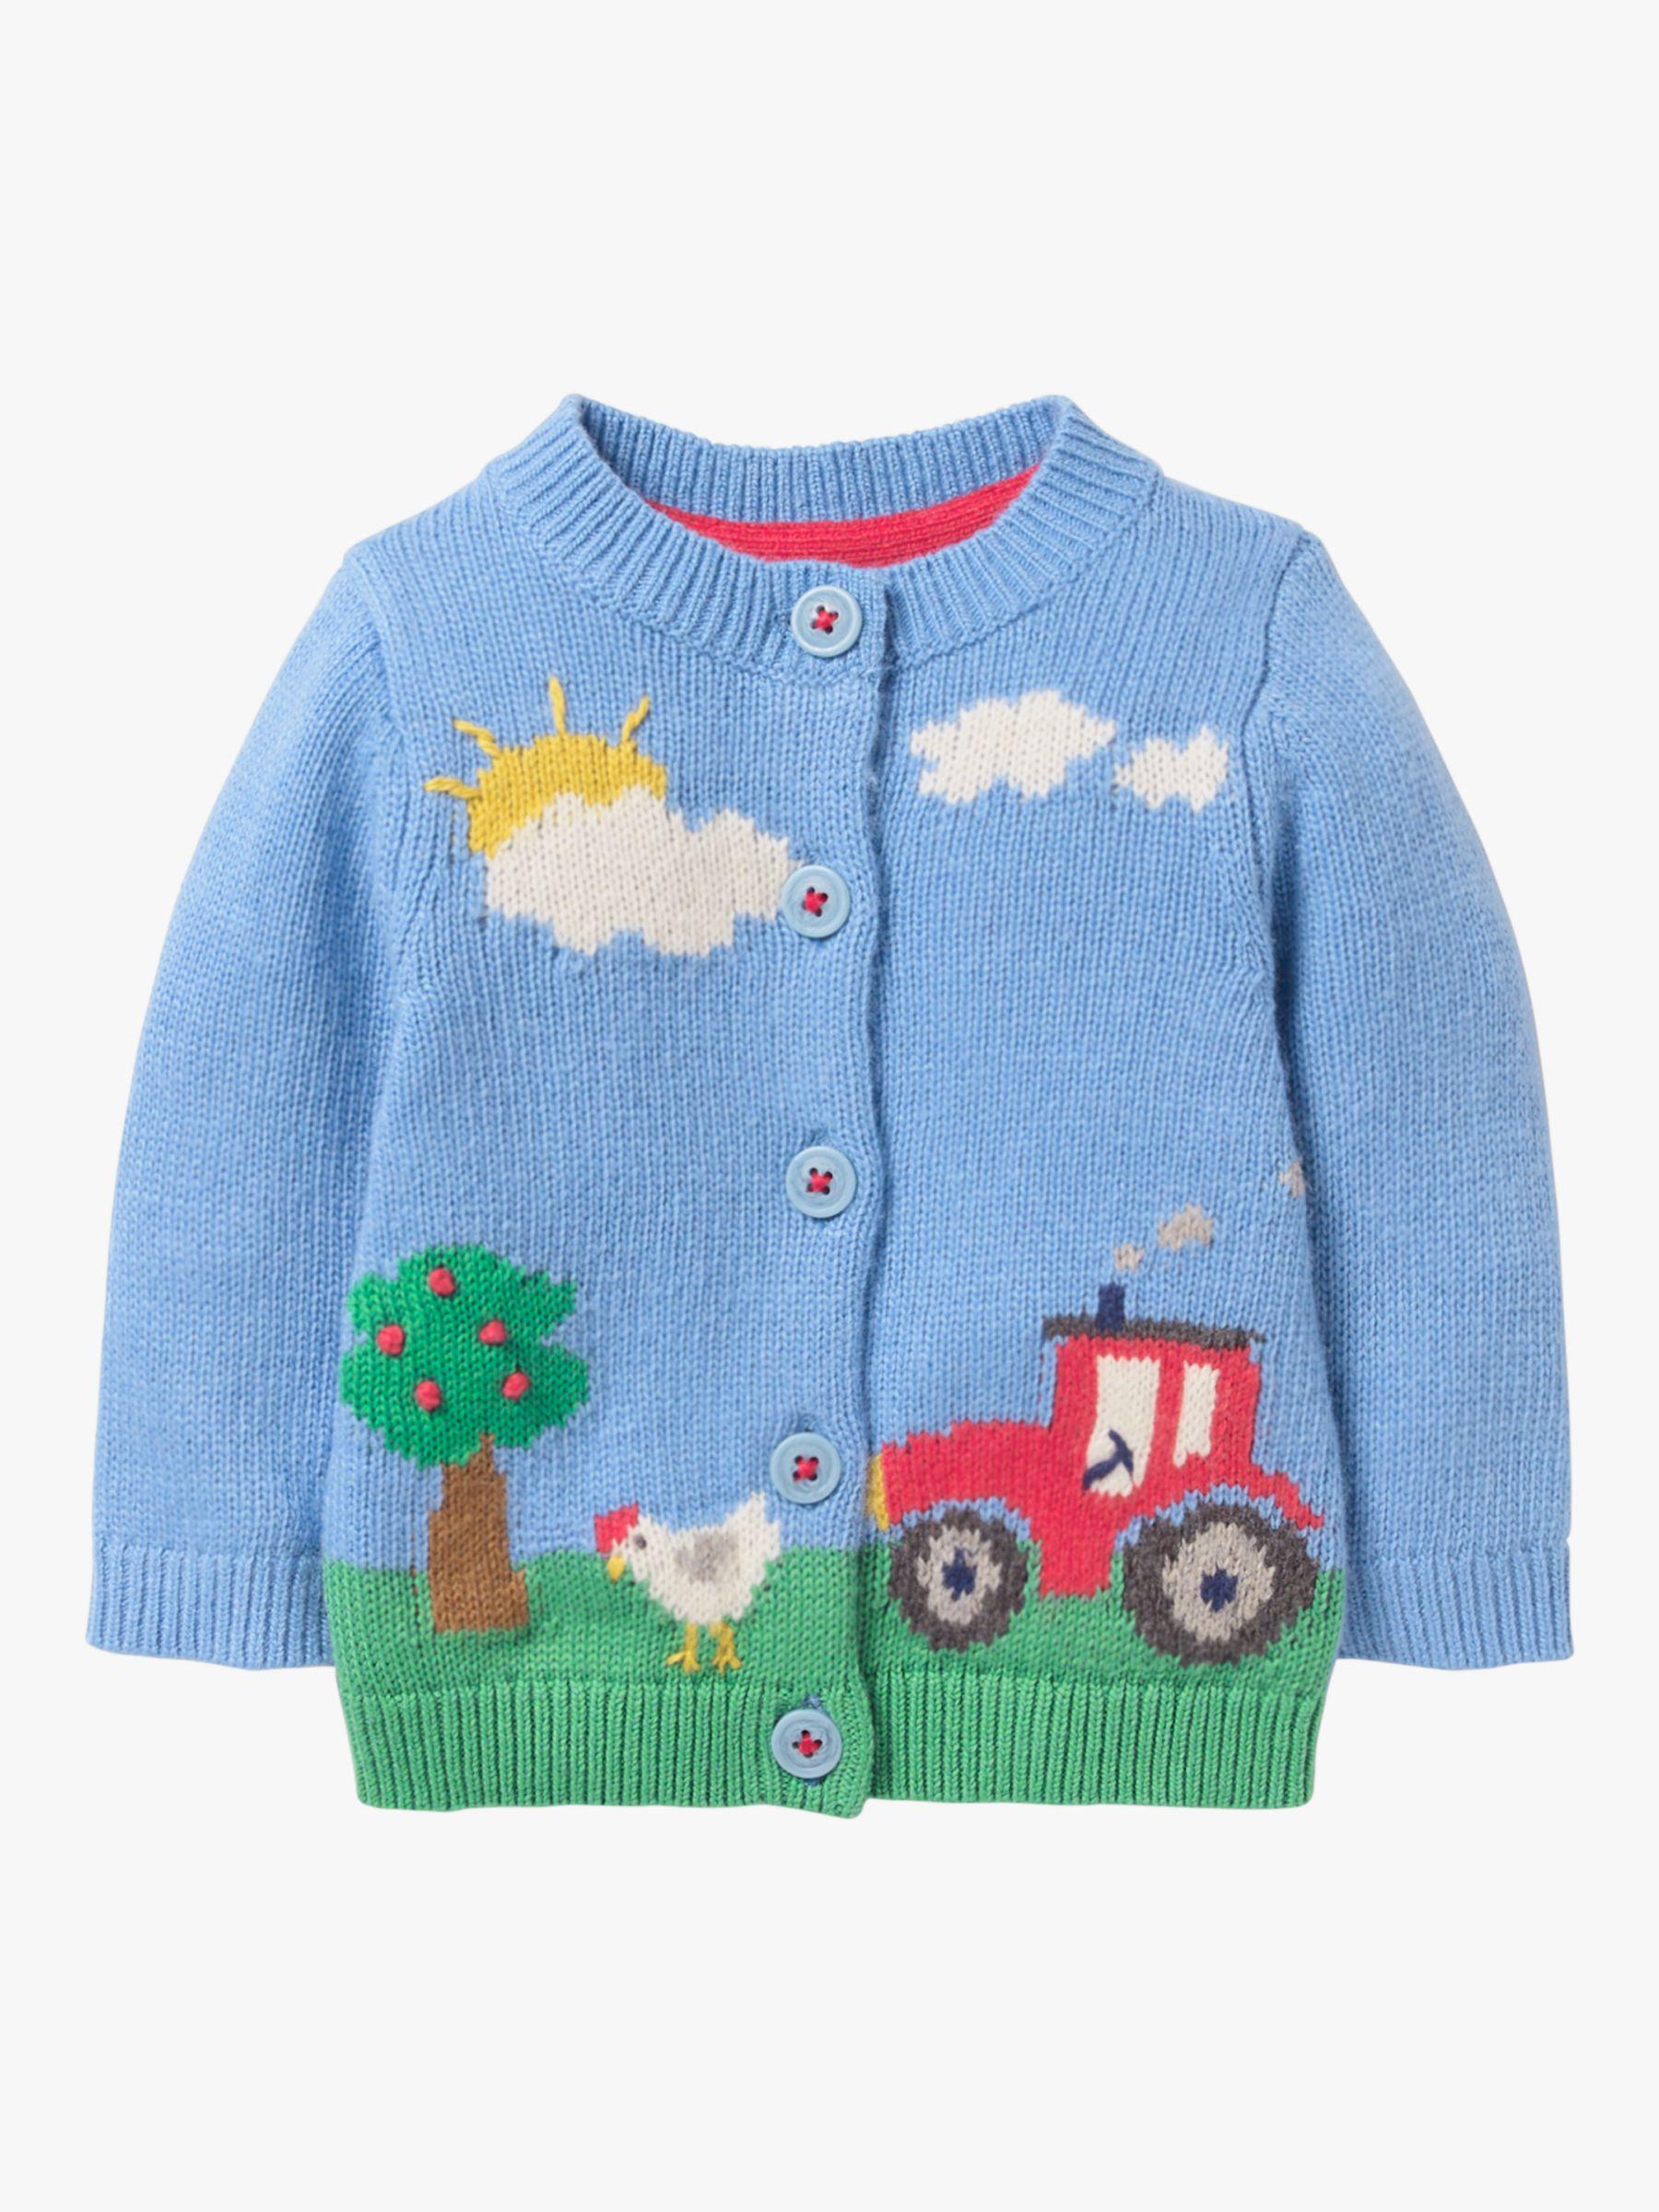 Mini Boden Mini Boden Baby Farm Scene Cardigan, Blue